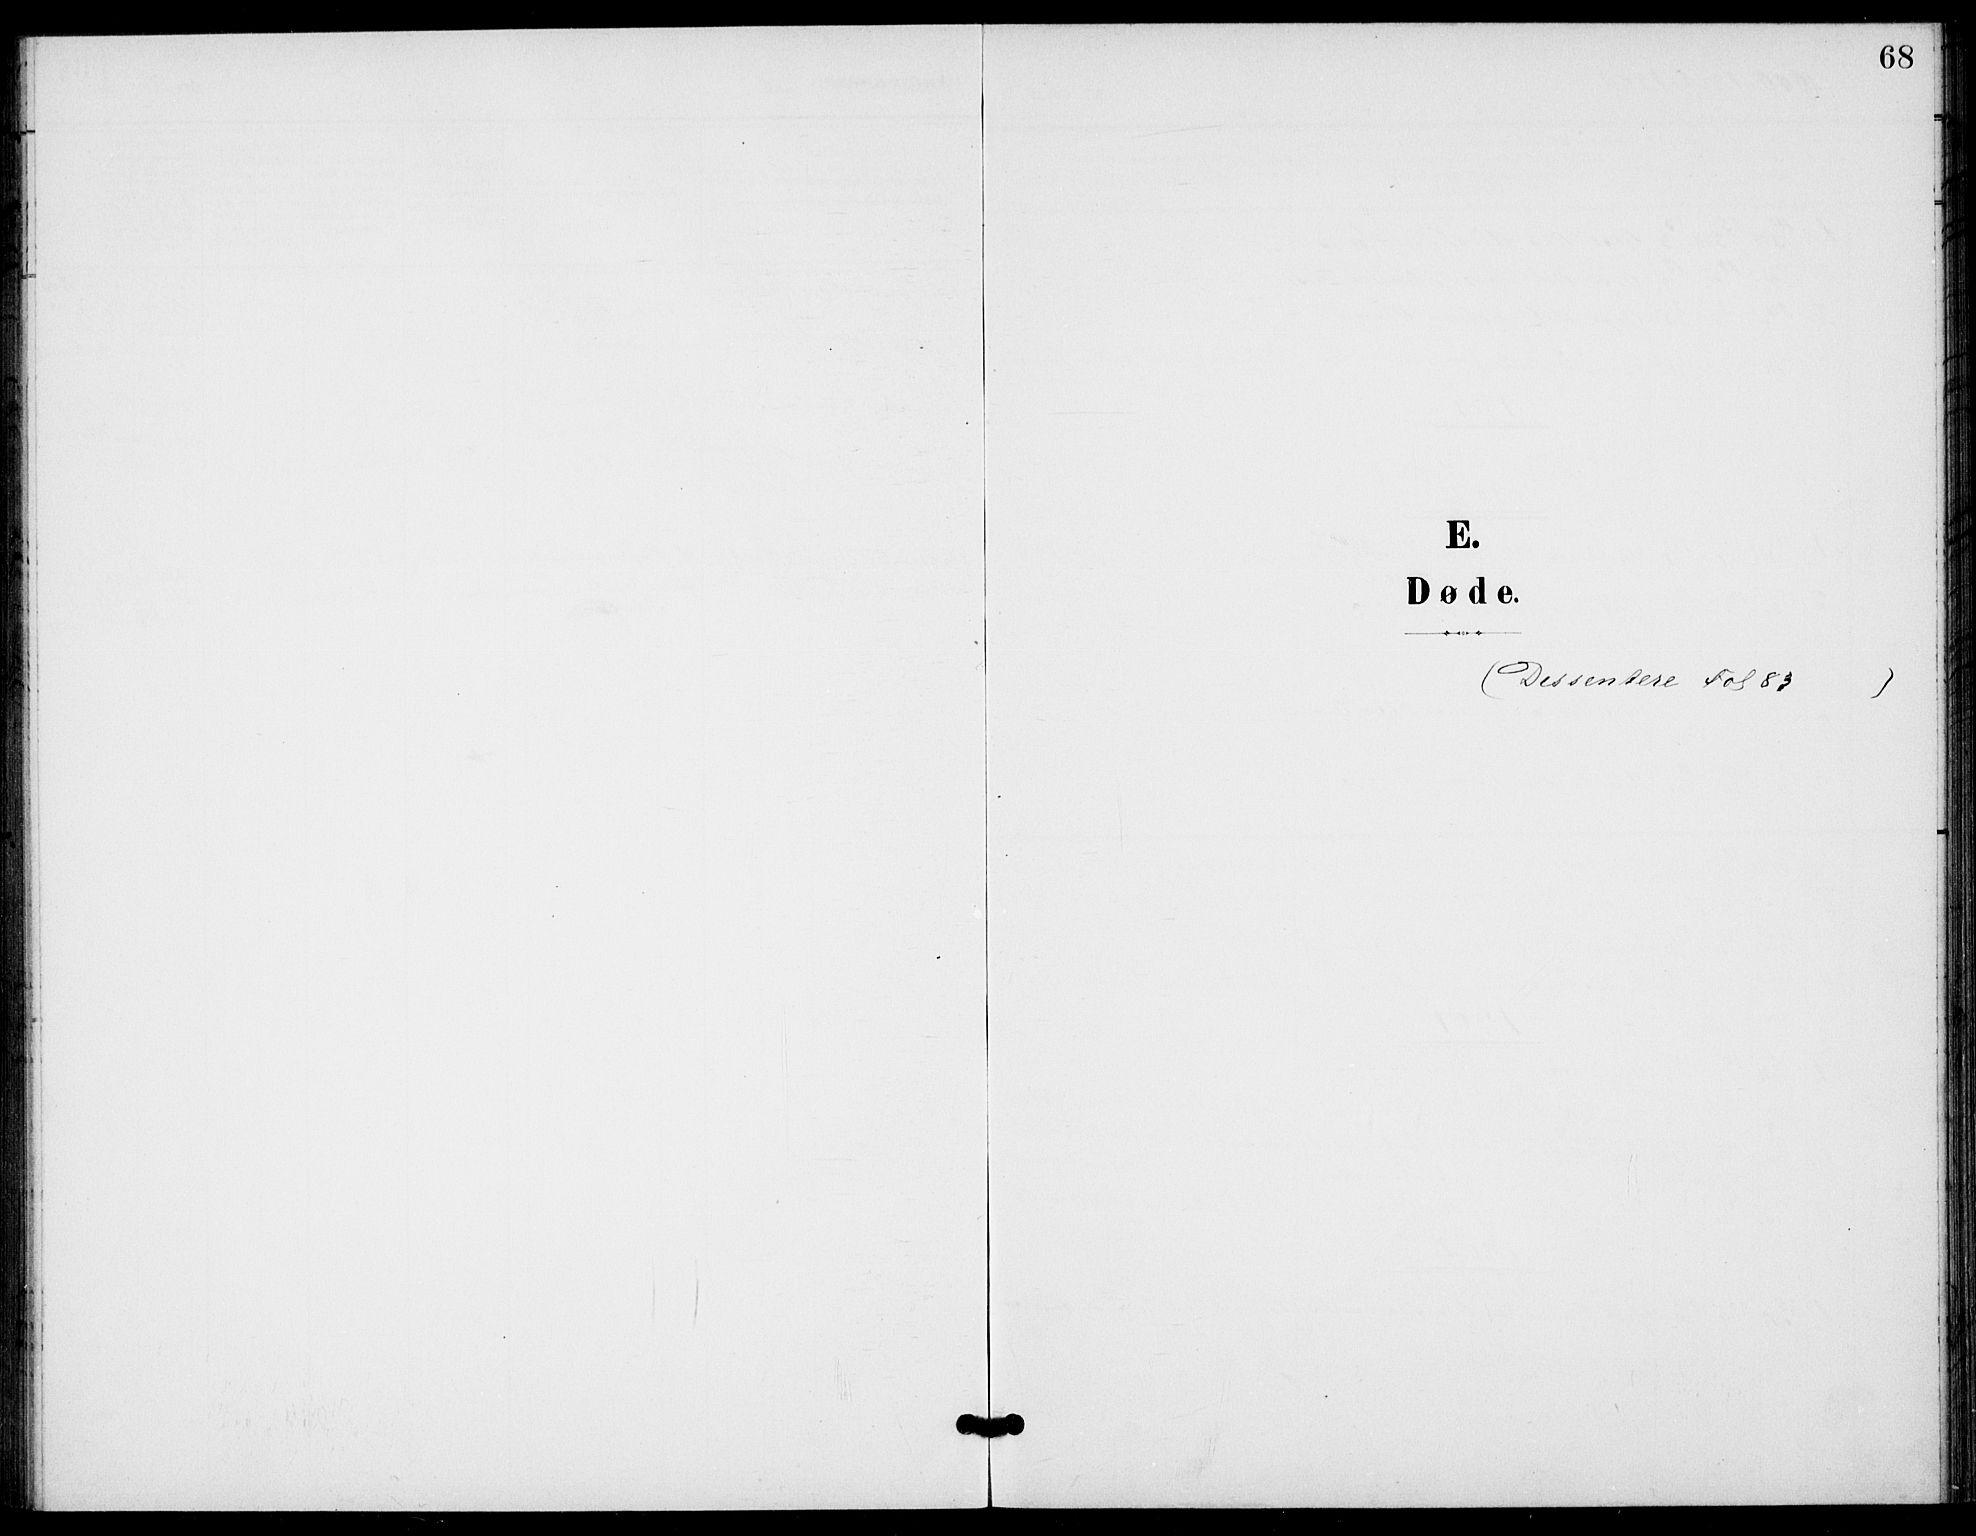 SAKO, Bamble kirkebøker, G/Gb/L0002: Klokkerbok nr. II 2, 1900-1925, s. 68